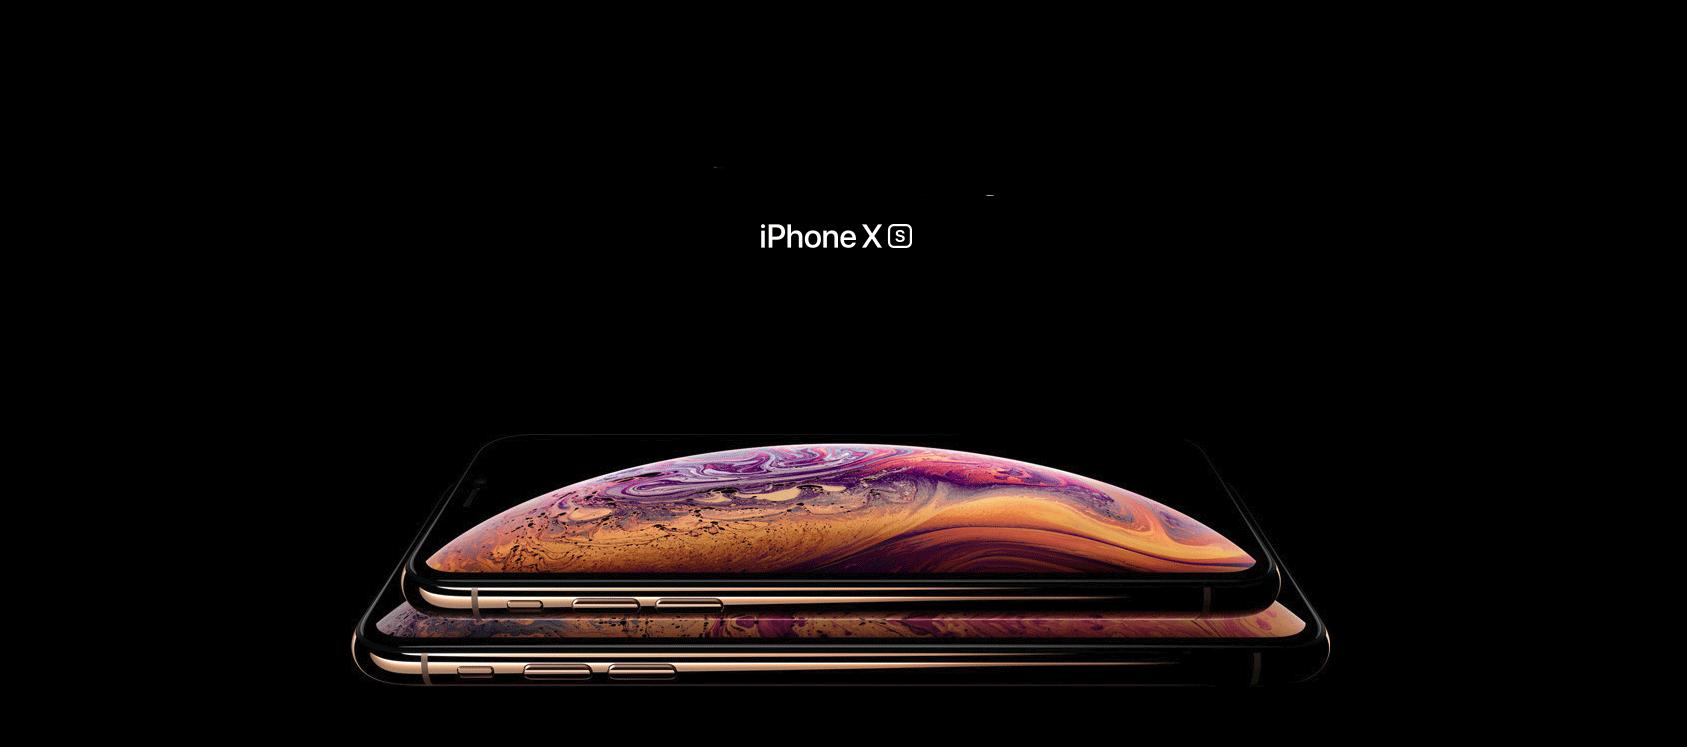 苹果手机官网被仿冒,网站域名一模一样,人眼无法识别!